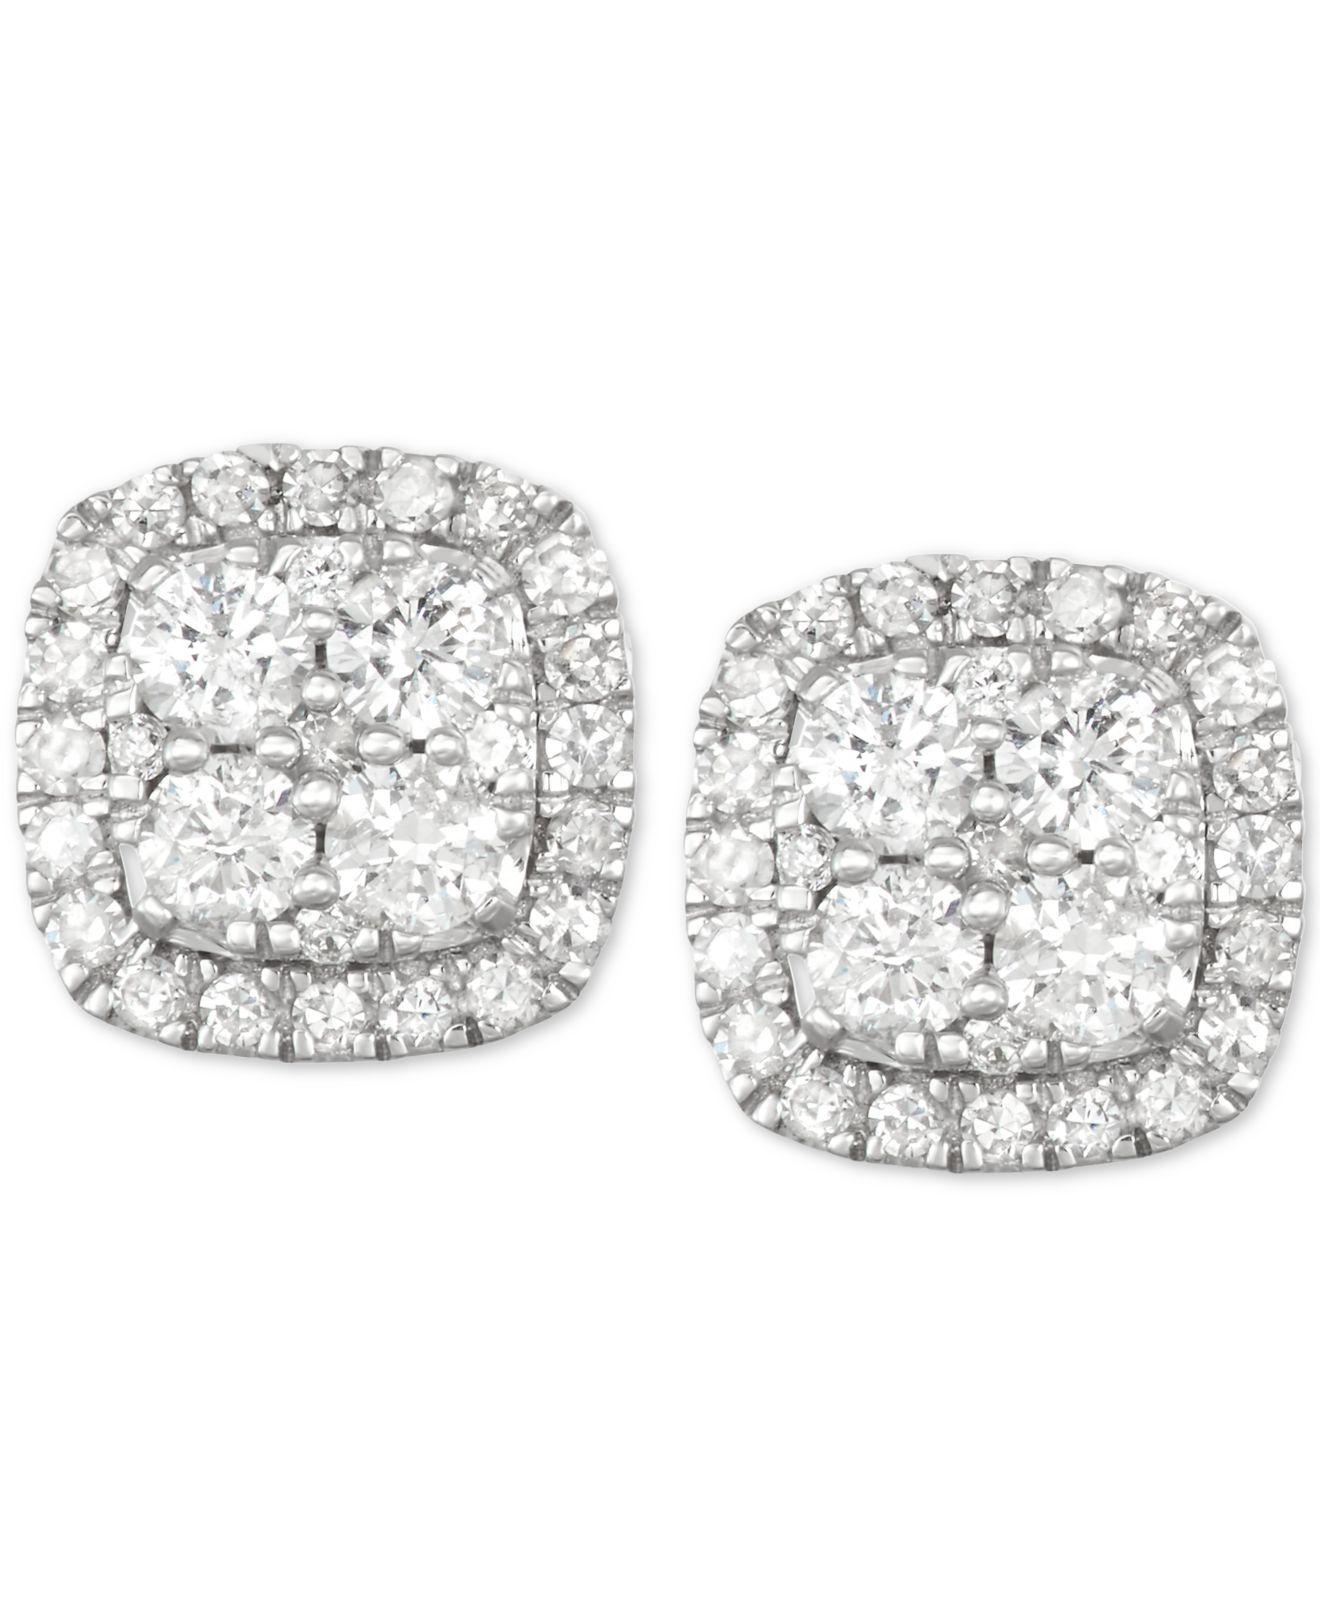 7eb40f62a Lyst - Macy's Diamond Halo Stud Earrings (1/2 Ct. T.w.) In 14k White Gold  in Metallic